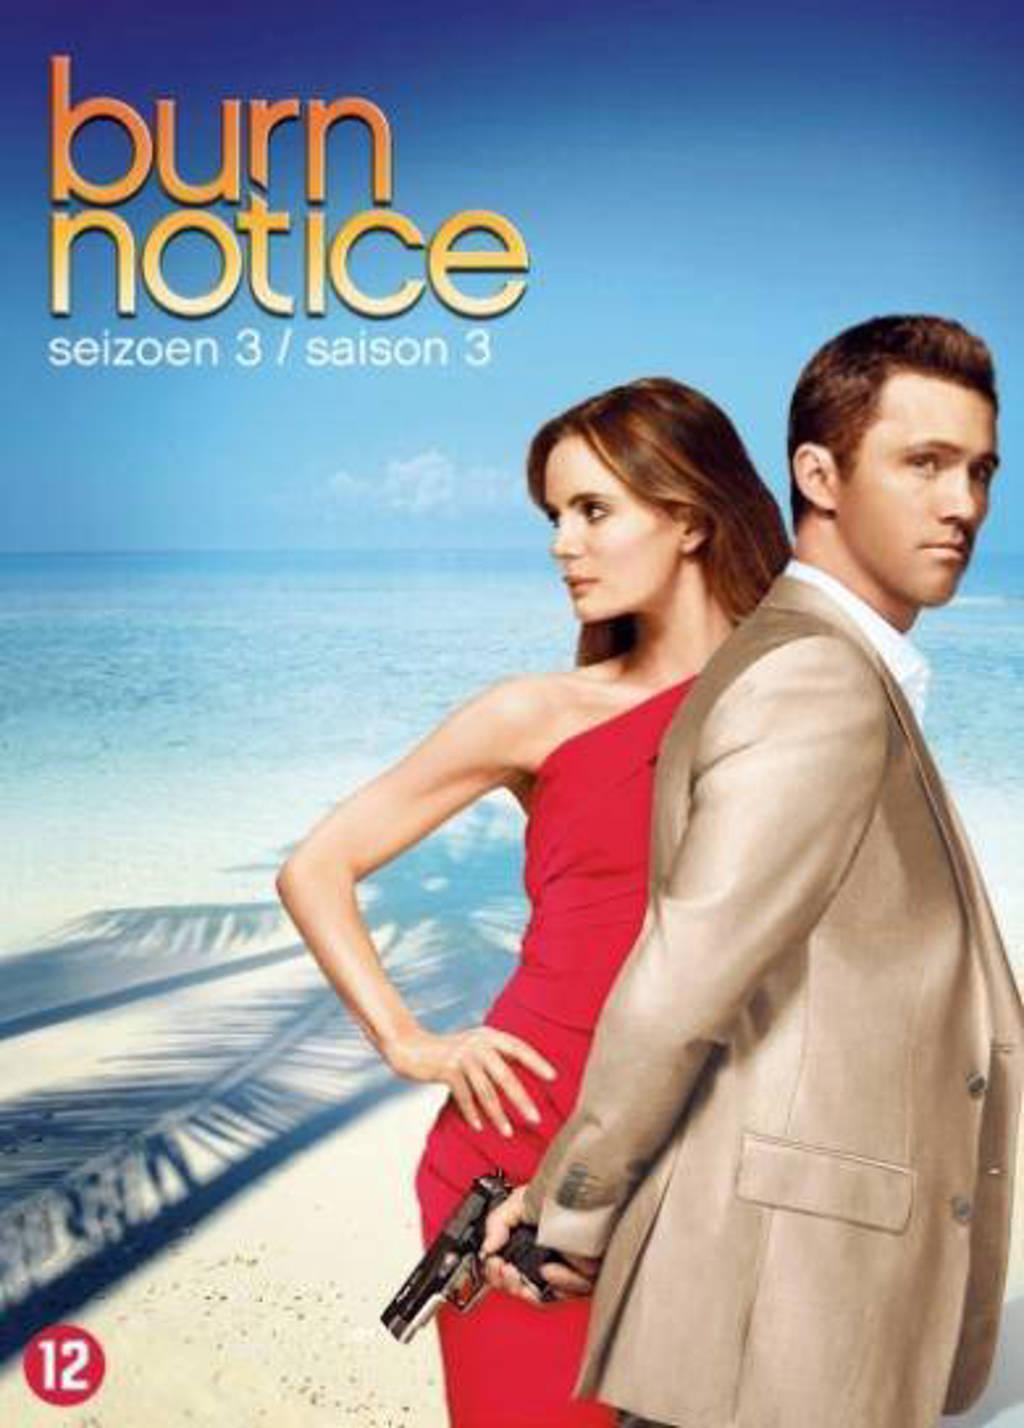 Burn notice - Seizoen 3 (DVD)